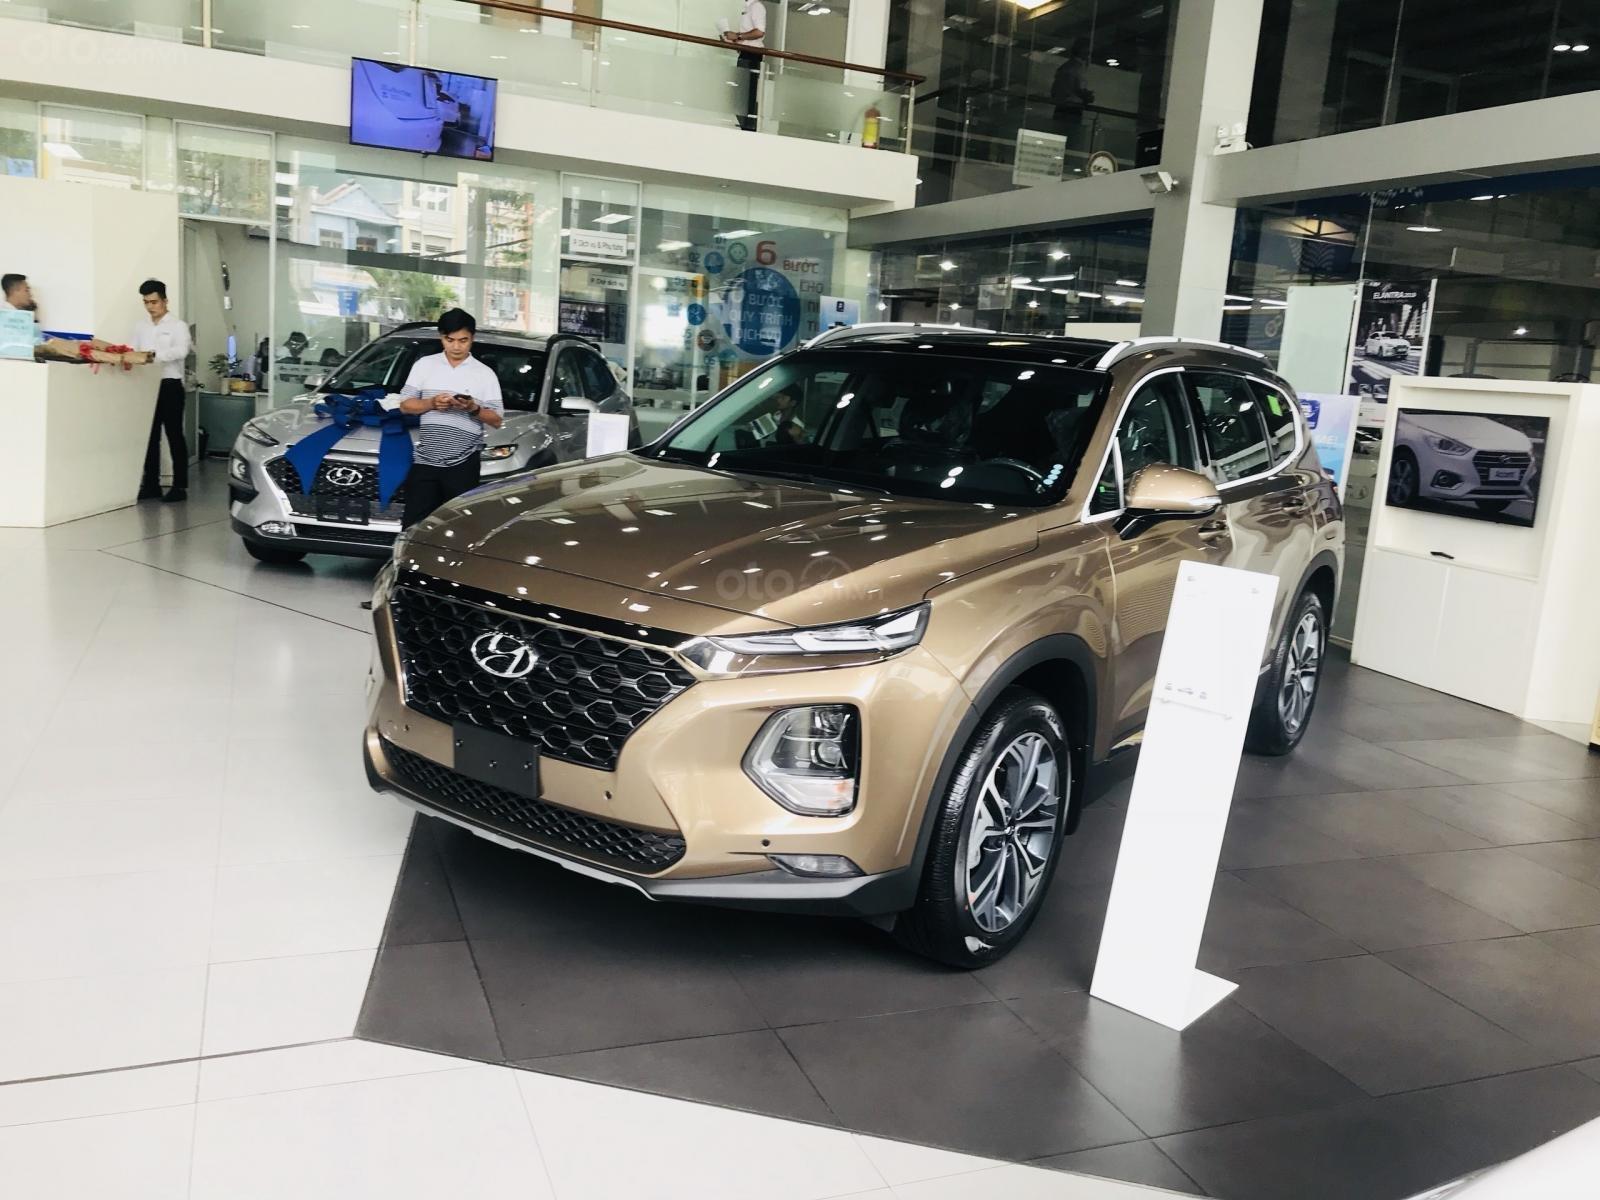 Giao xe ngay - Siêu khuyến mãi lớn 20 triệu tiền mặt khi mua Hyundai Santafe 2019, hotline: 0974 064 605 (1)